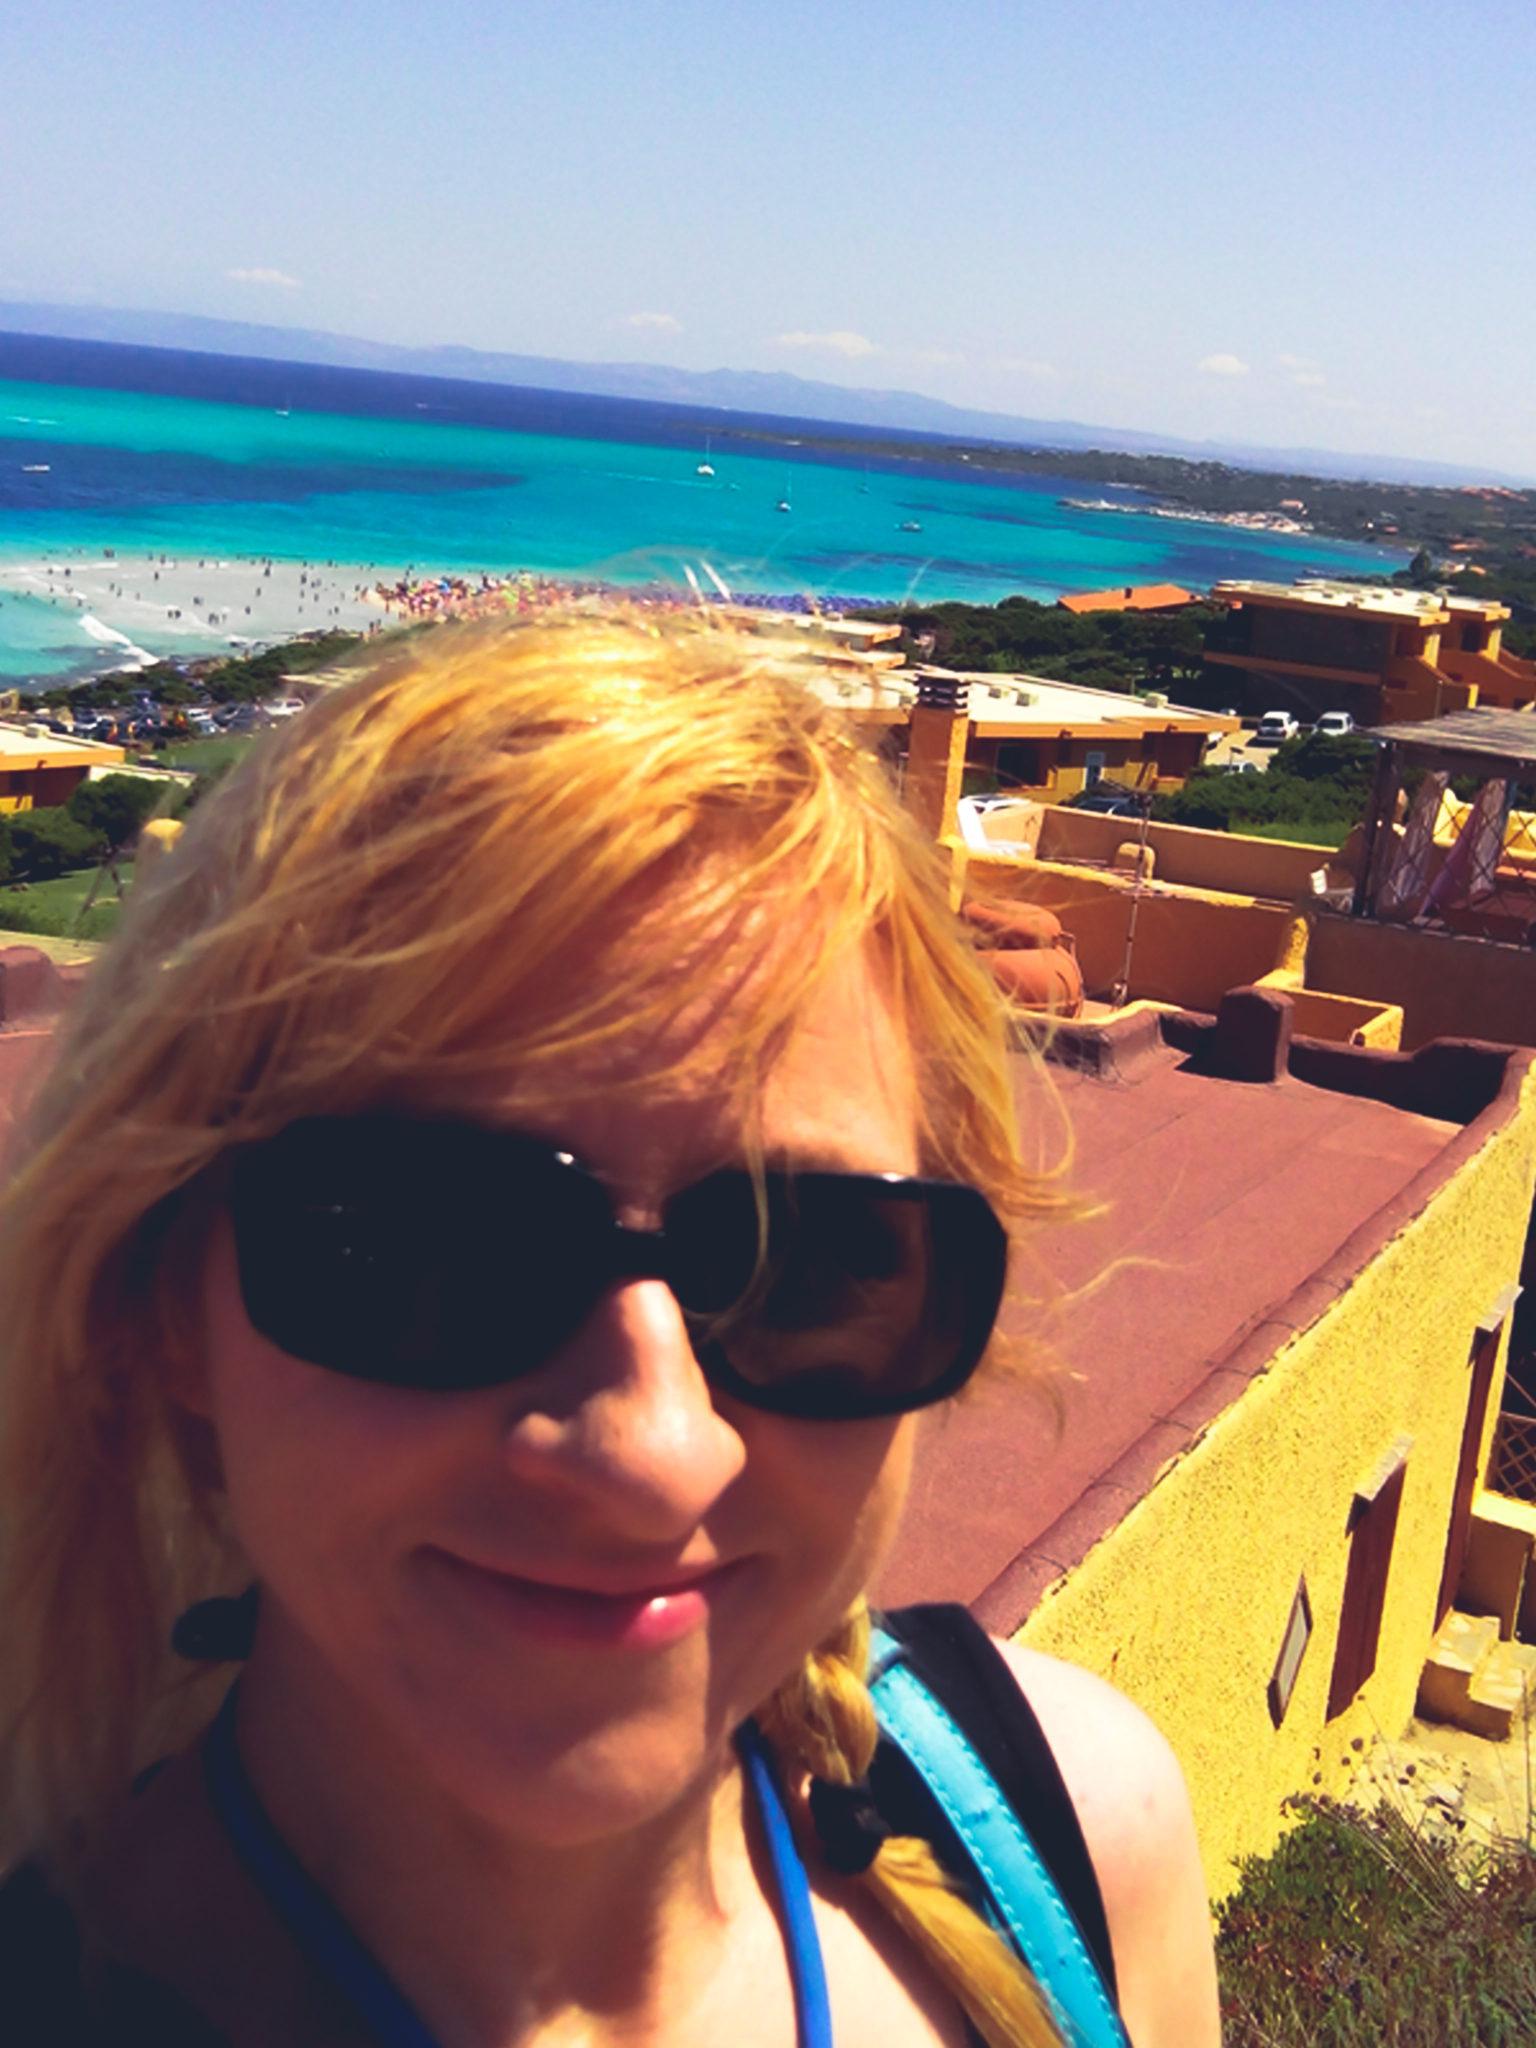 Connie Yerbic, Skonnie Music, traveling musician, Sardinian beaches